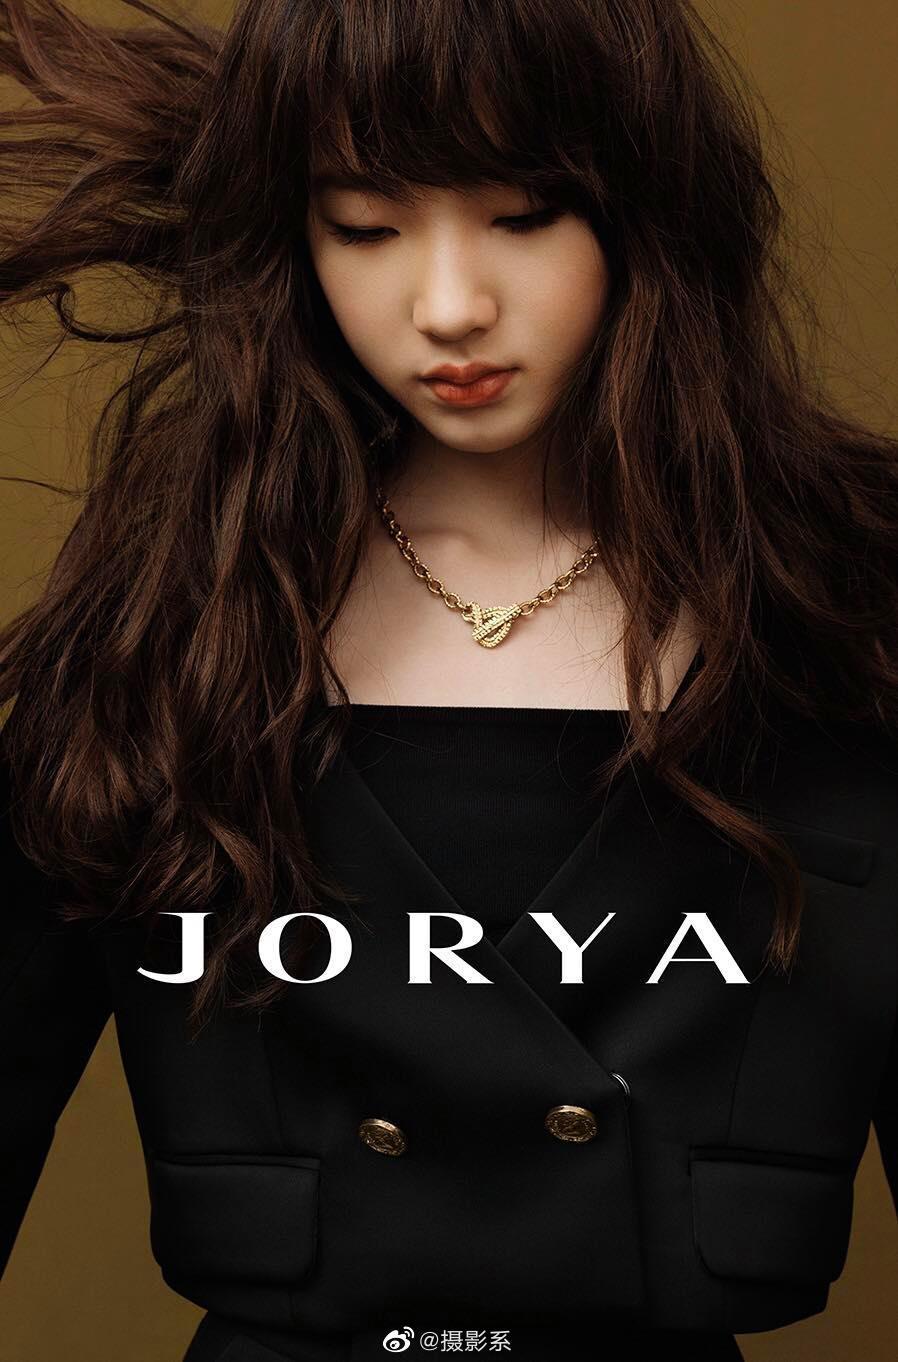 JORYA 最新一季大片,是小S 和三位女儿